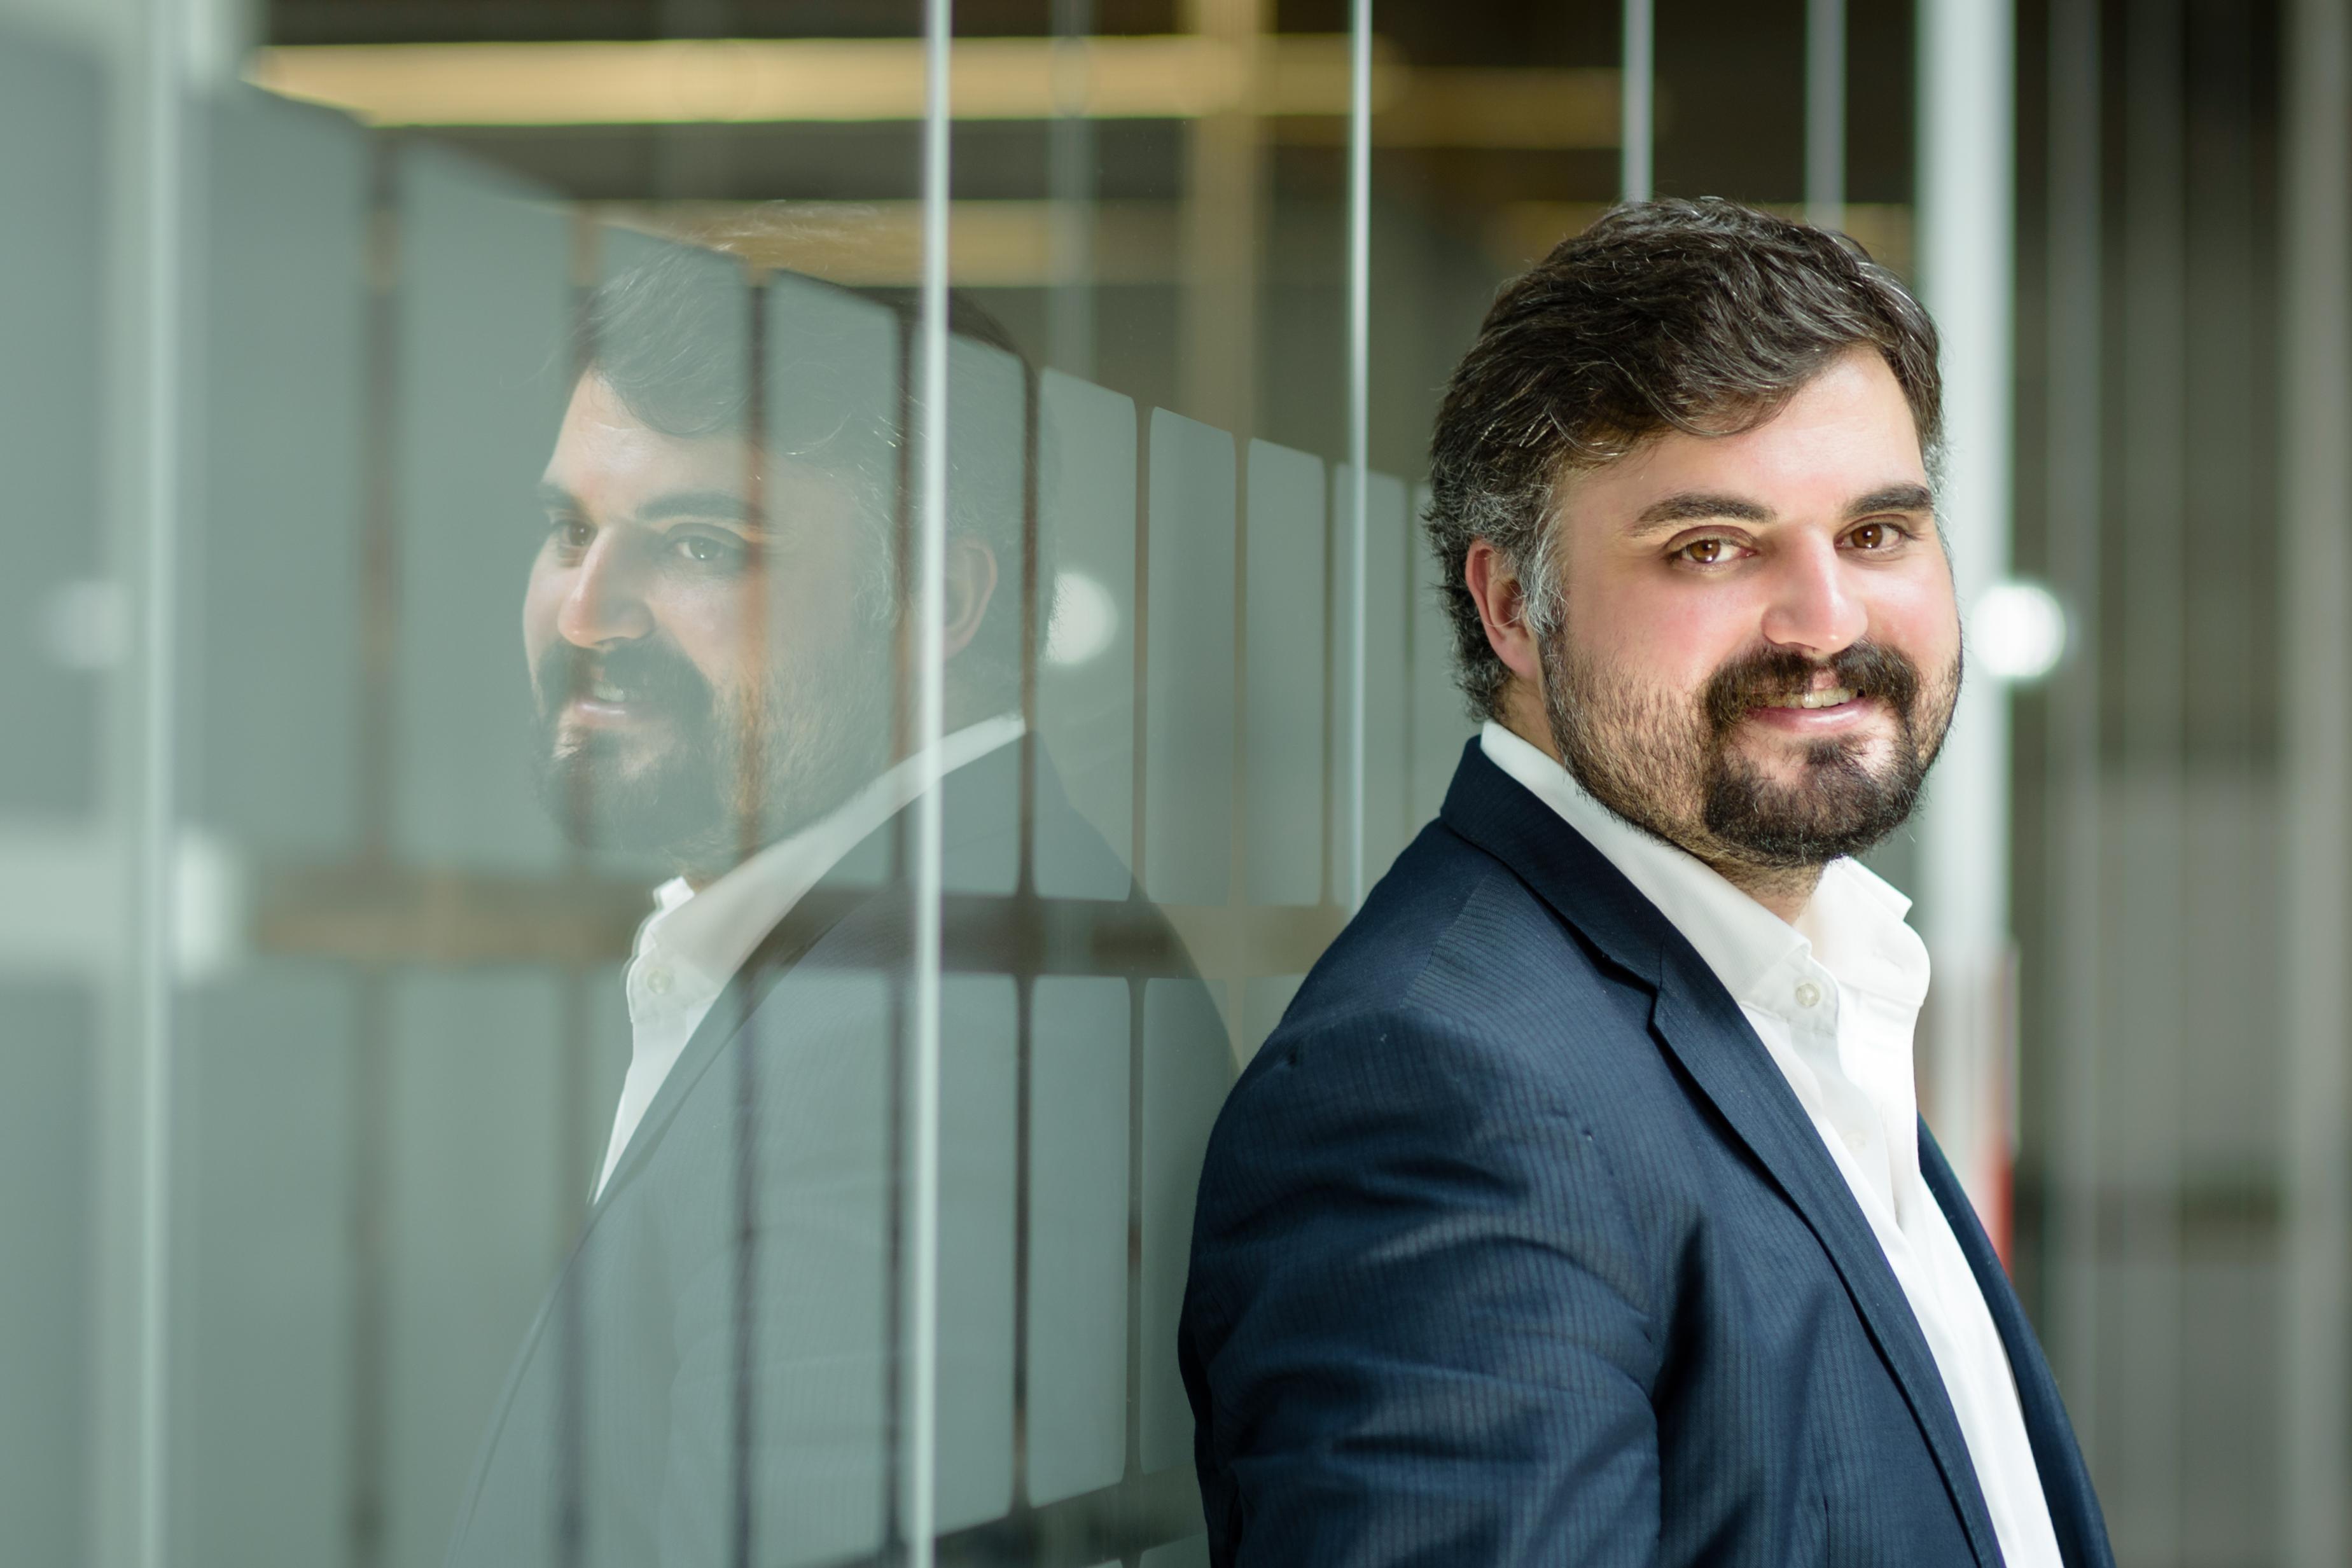 """Nuno M. Silva: """"Uma pessoa que tem muitas ideias não é necessariamente um empreendedor, é um idiota"""""""